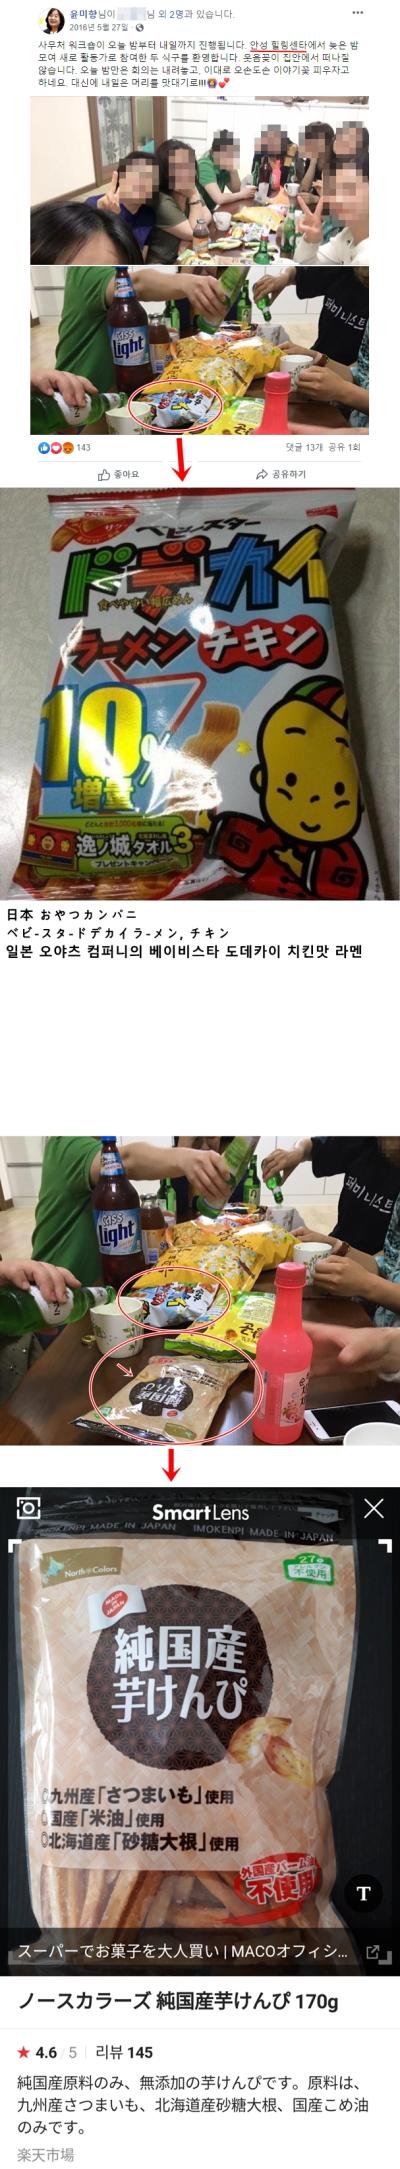 [韓国の反応]尹美香、慰安婦の避難所で酒のつまみに日本のおかしを「韓国ネット民」食べて復讐というやつなんだろう